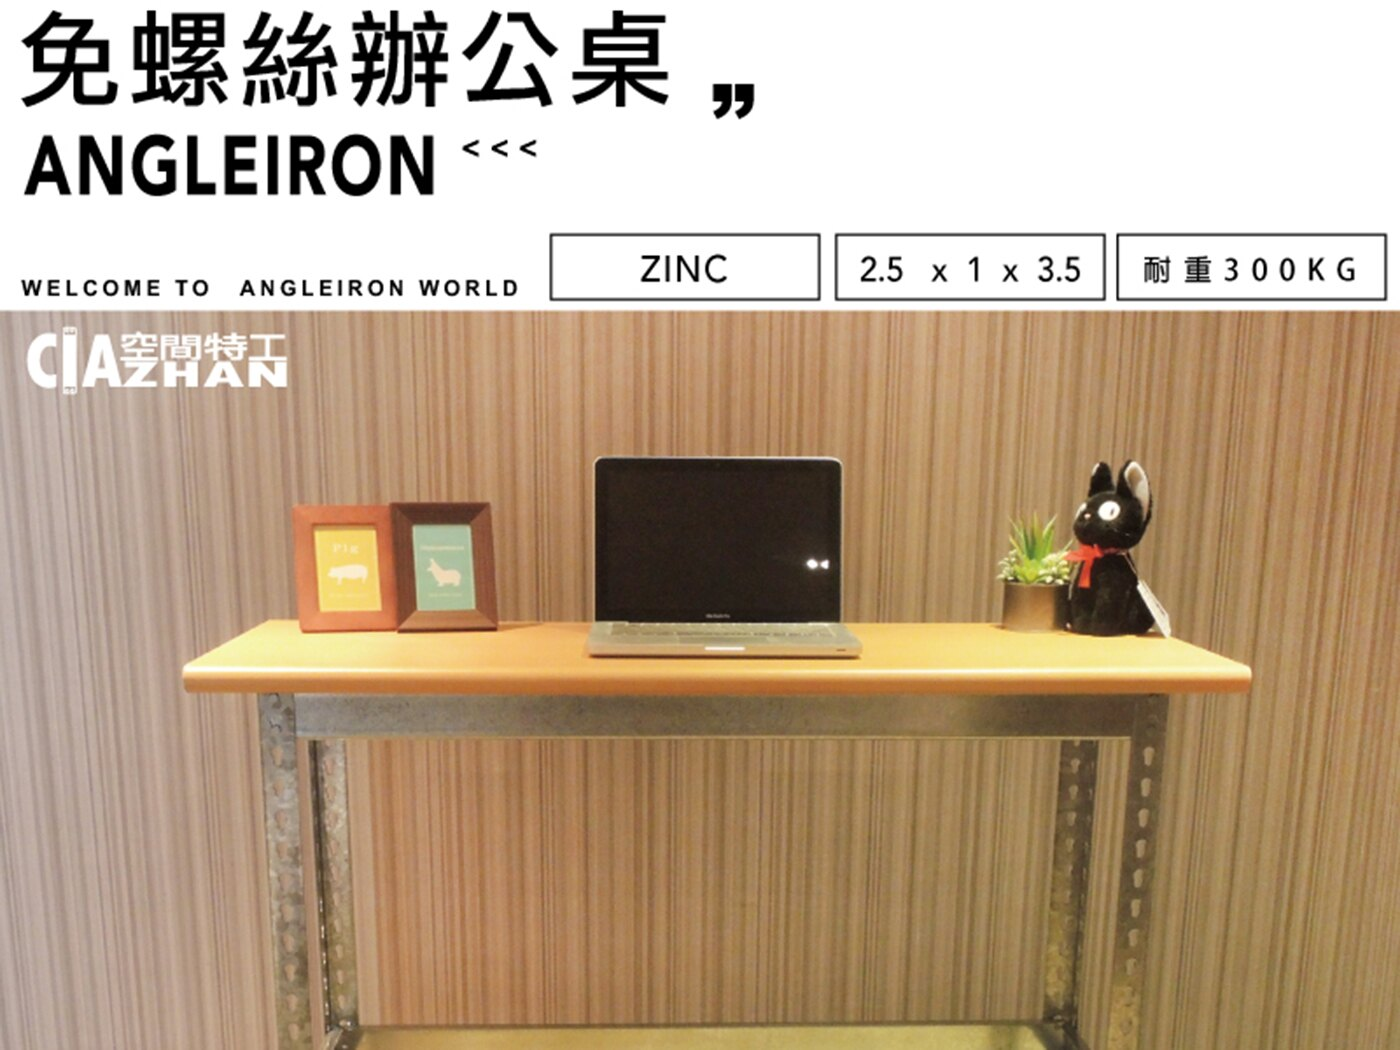 OA辦公桌♞空間特工♞(木紋桌板120x45cm,高密度塑合板 抗刮耐磨)鍍鋅角鋼桌 工作桌 會議桌 免運費 - 限時優惠好康折扣